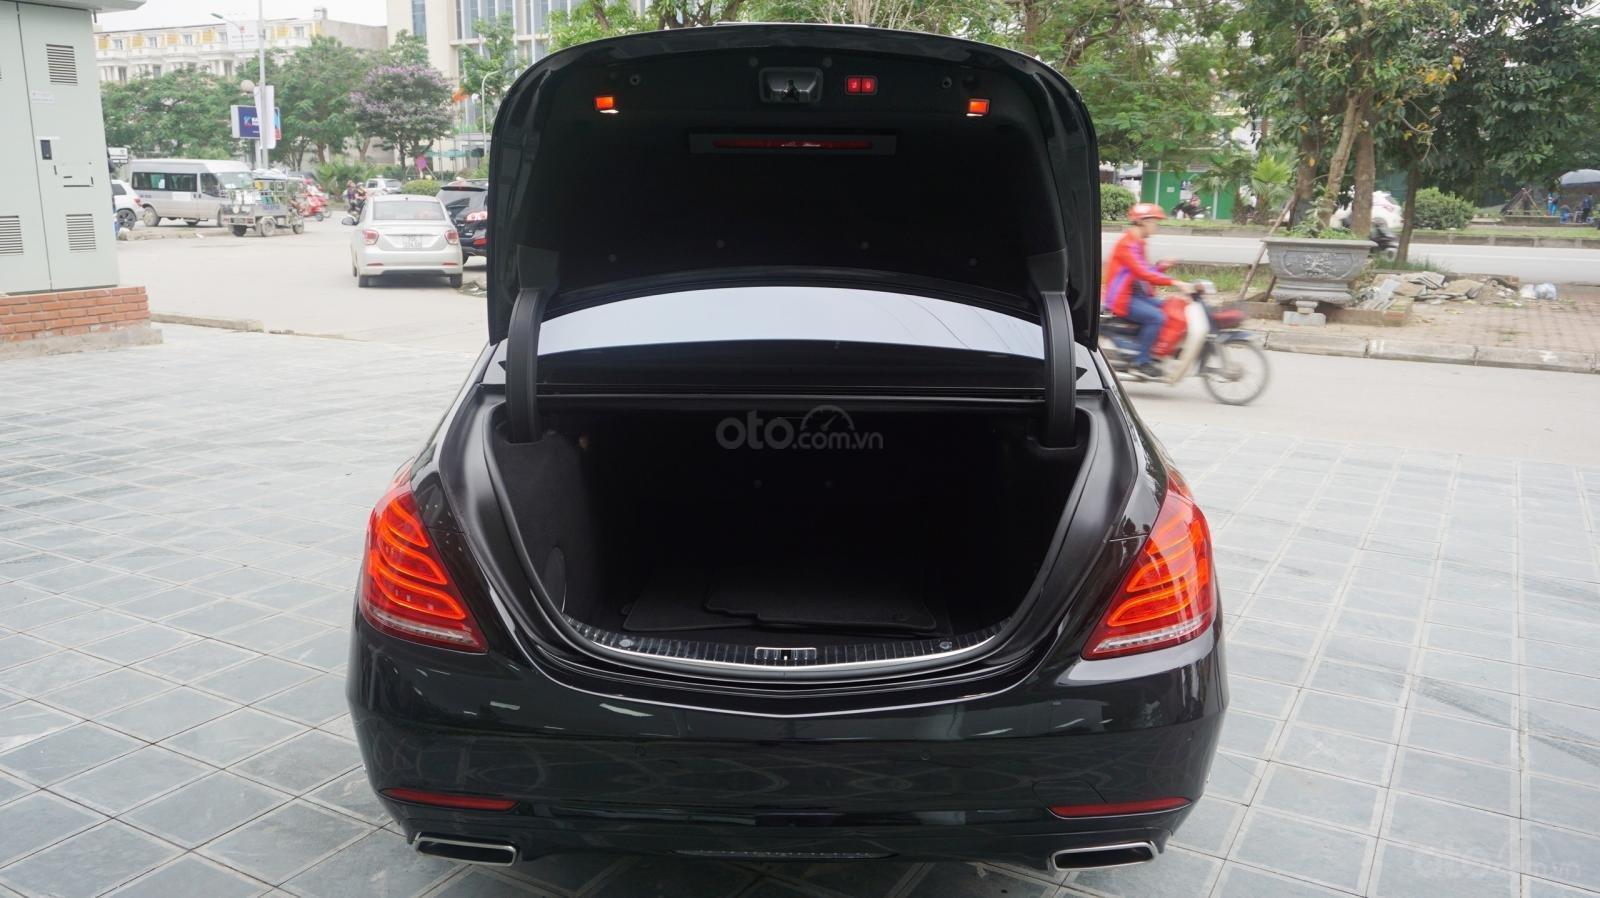 Bán xe Mercedes S500 L đời 2017, màu đen, xe siêu siêu lướt cực đẹp. LH: 0982.84.2838 (6)